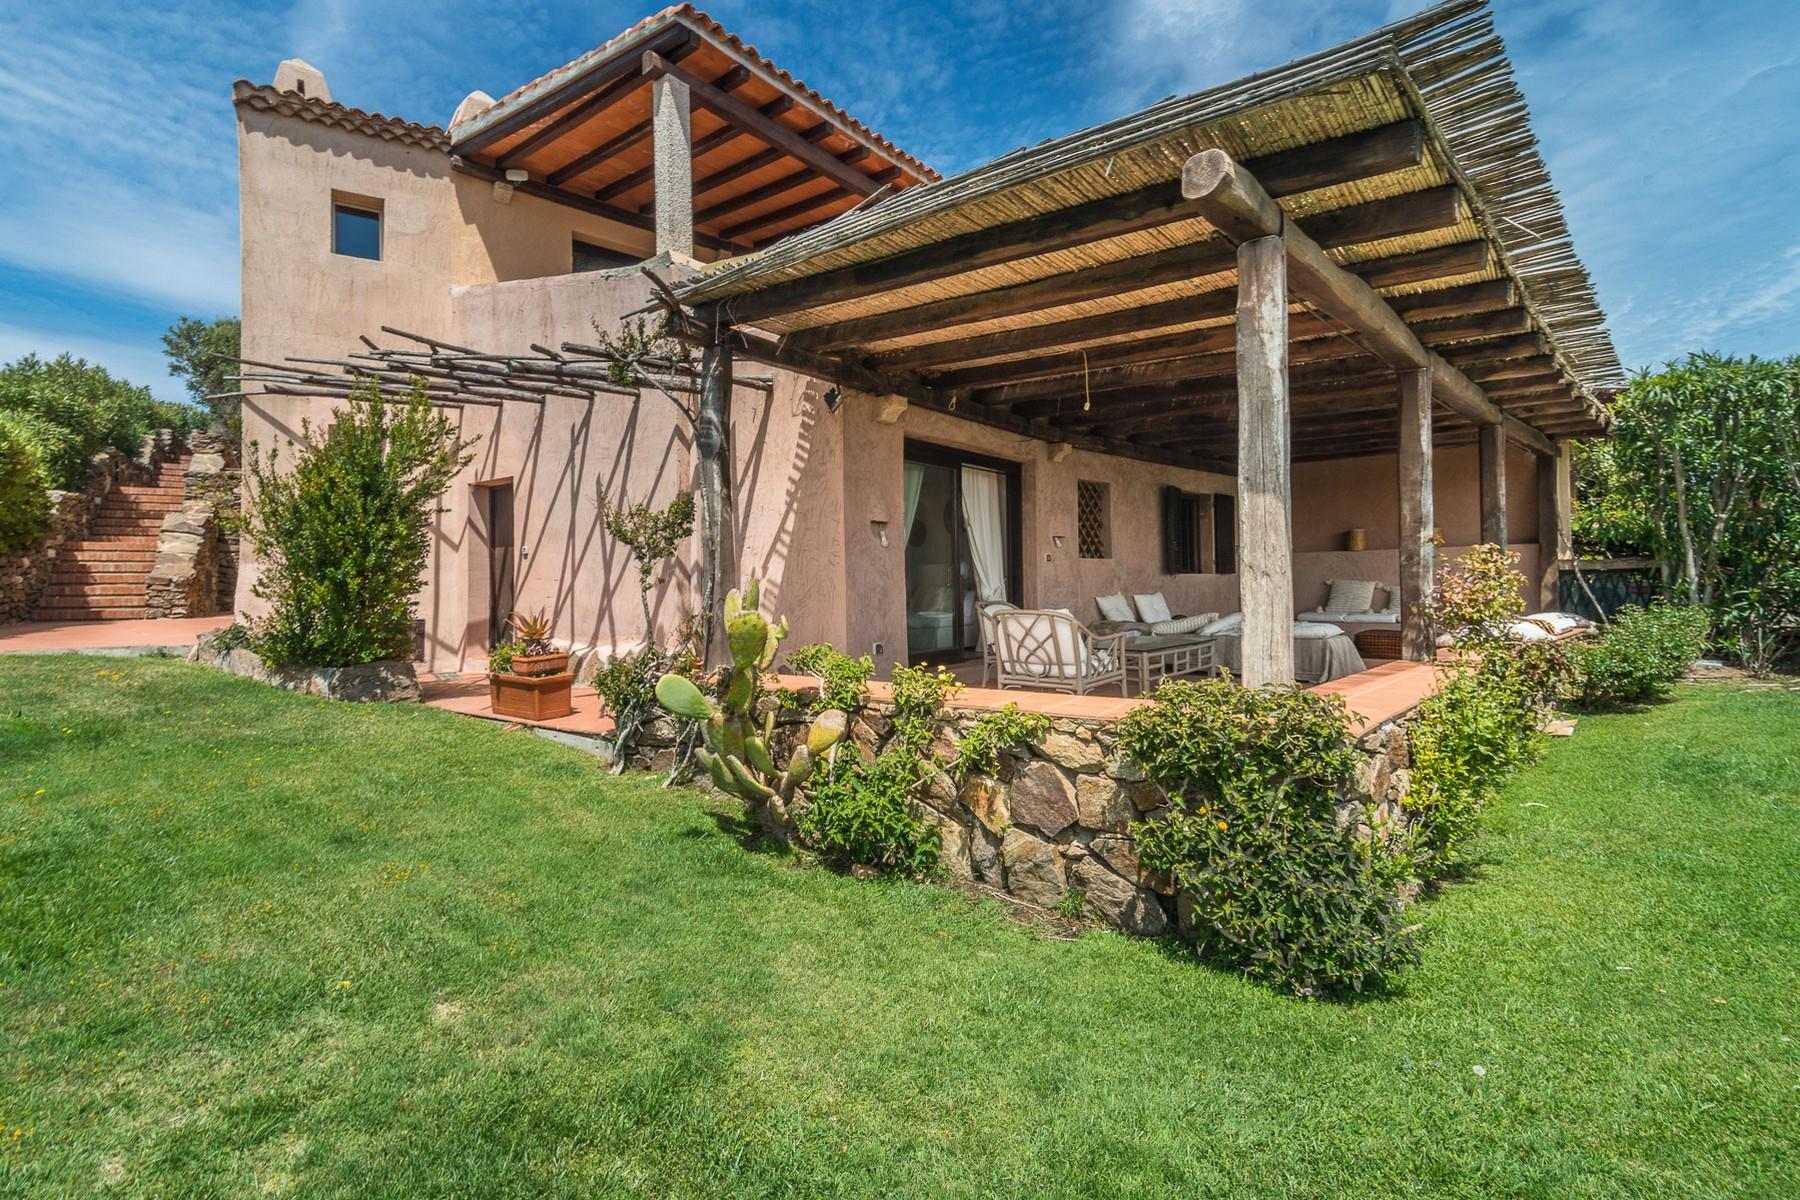 Appartamento in Vendita a Arzachena: 5 locali, 141 mq - Foto 1